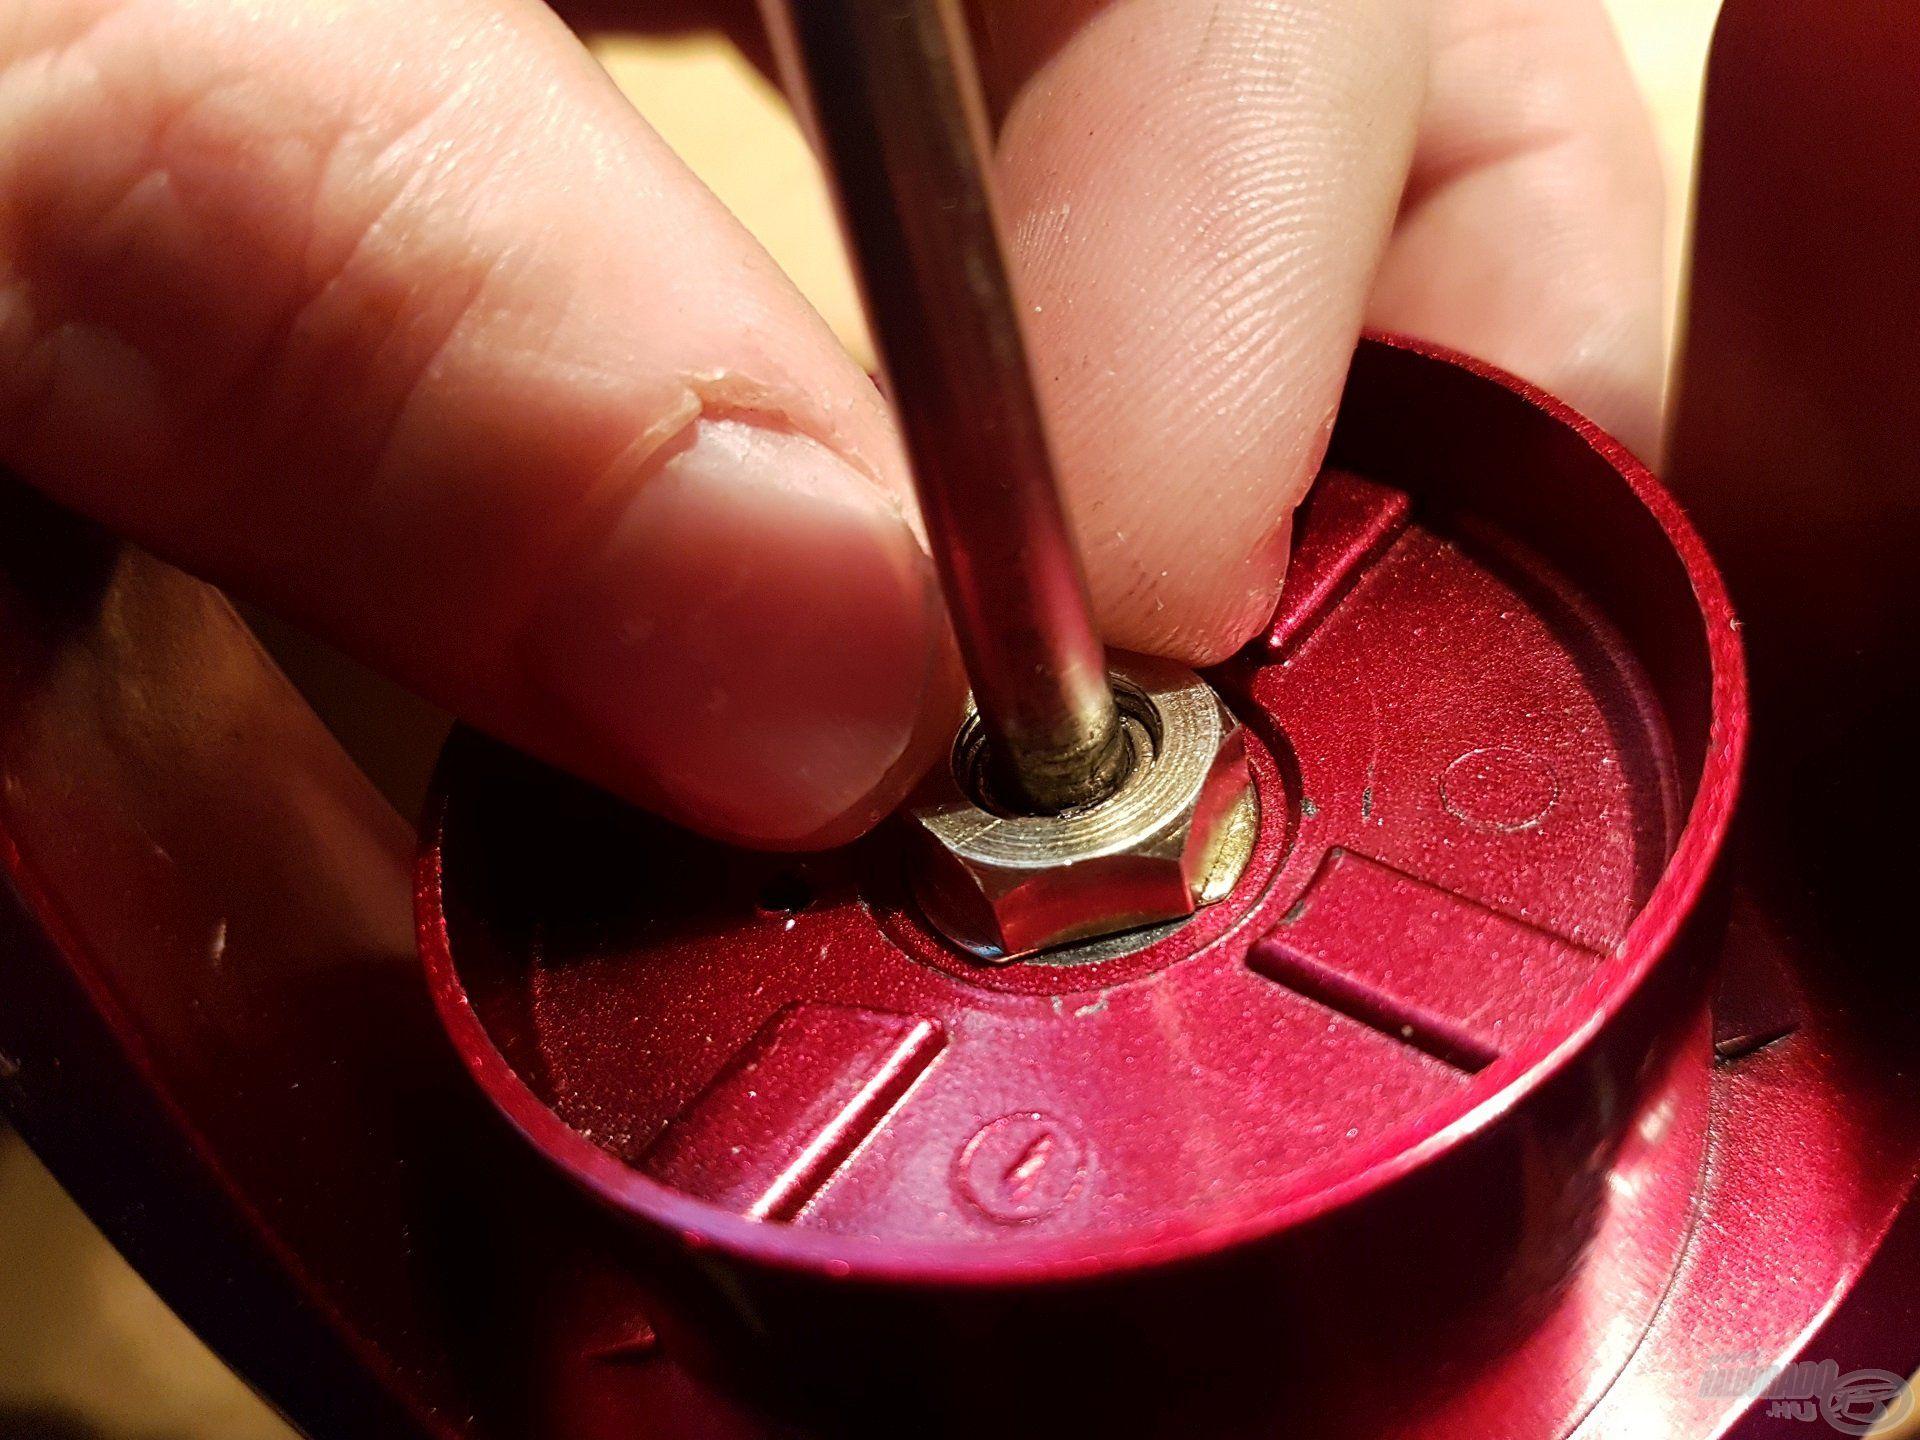 Az orsócsészét is rögzítsük, a csavart ezúttal jobbról balra csavarjuk és határozottan, de ne túl erősen húzzuk meg. Az elforgást gátló műanyag betéttel stabilizáljuk